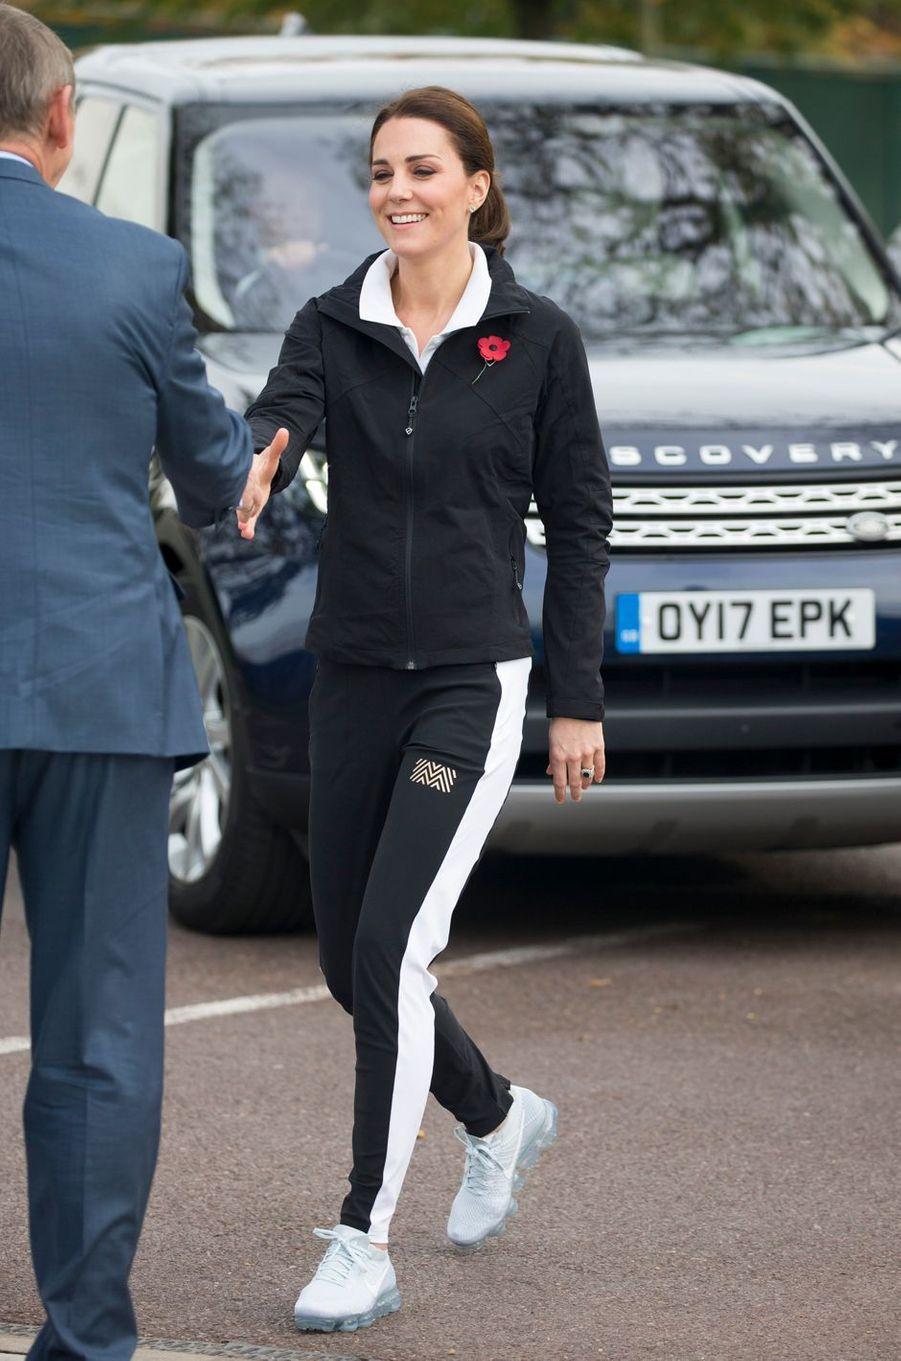 La duchesse de Cambridge au Centre national de tennis à Londres, le 31 octobre 2017